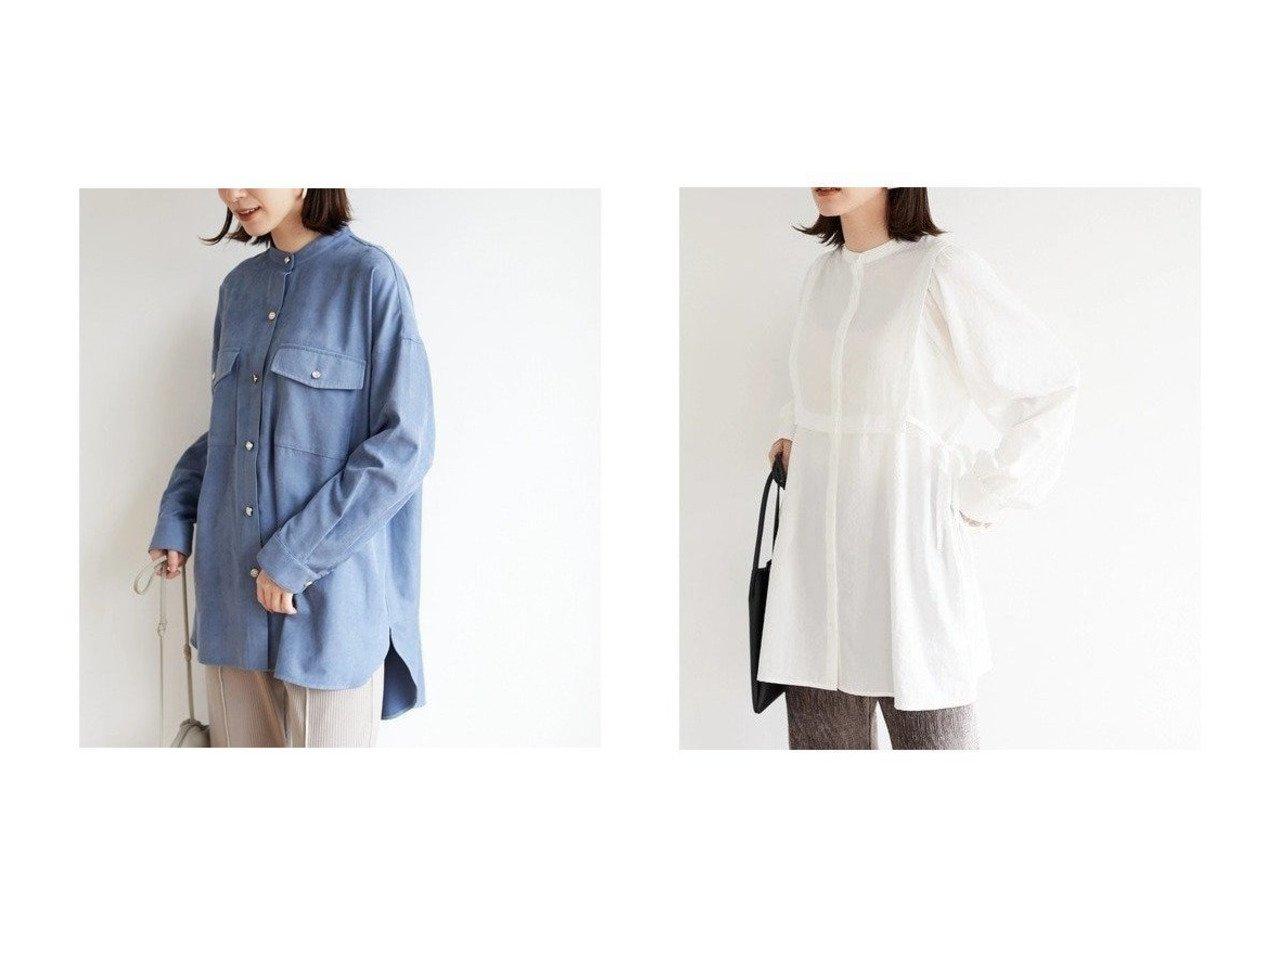 【Green Parks/グリーンパークス】の・ELENCARE DUE バンドカラーシャツチュニック&・ELENCARE DUE デザインシャツチュニック Green Parksのおすすめ!人気、トレンド・レディースファッションの通販  おすすめで人気の流行・トレンド、ファッションの通販商品 メンズファッション・キッズファッション・インテリア・家具・レディースファッション・服の通販 founy(ファニー) https://founy.com/ ファッション Fashion レディースファッション WOMEN トップス Tops Tshirt シャツ/ブラウス Shirts Blouses 送料無料 Free Shipping チュニック フェミニン フロント スクエア ヨーク リボン ロング |ID:crp329100000017672